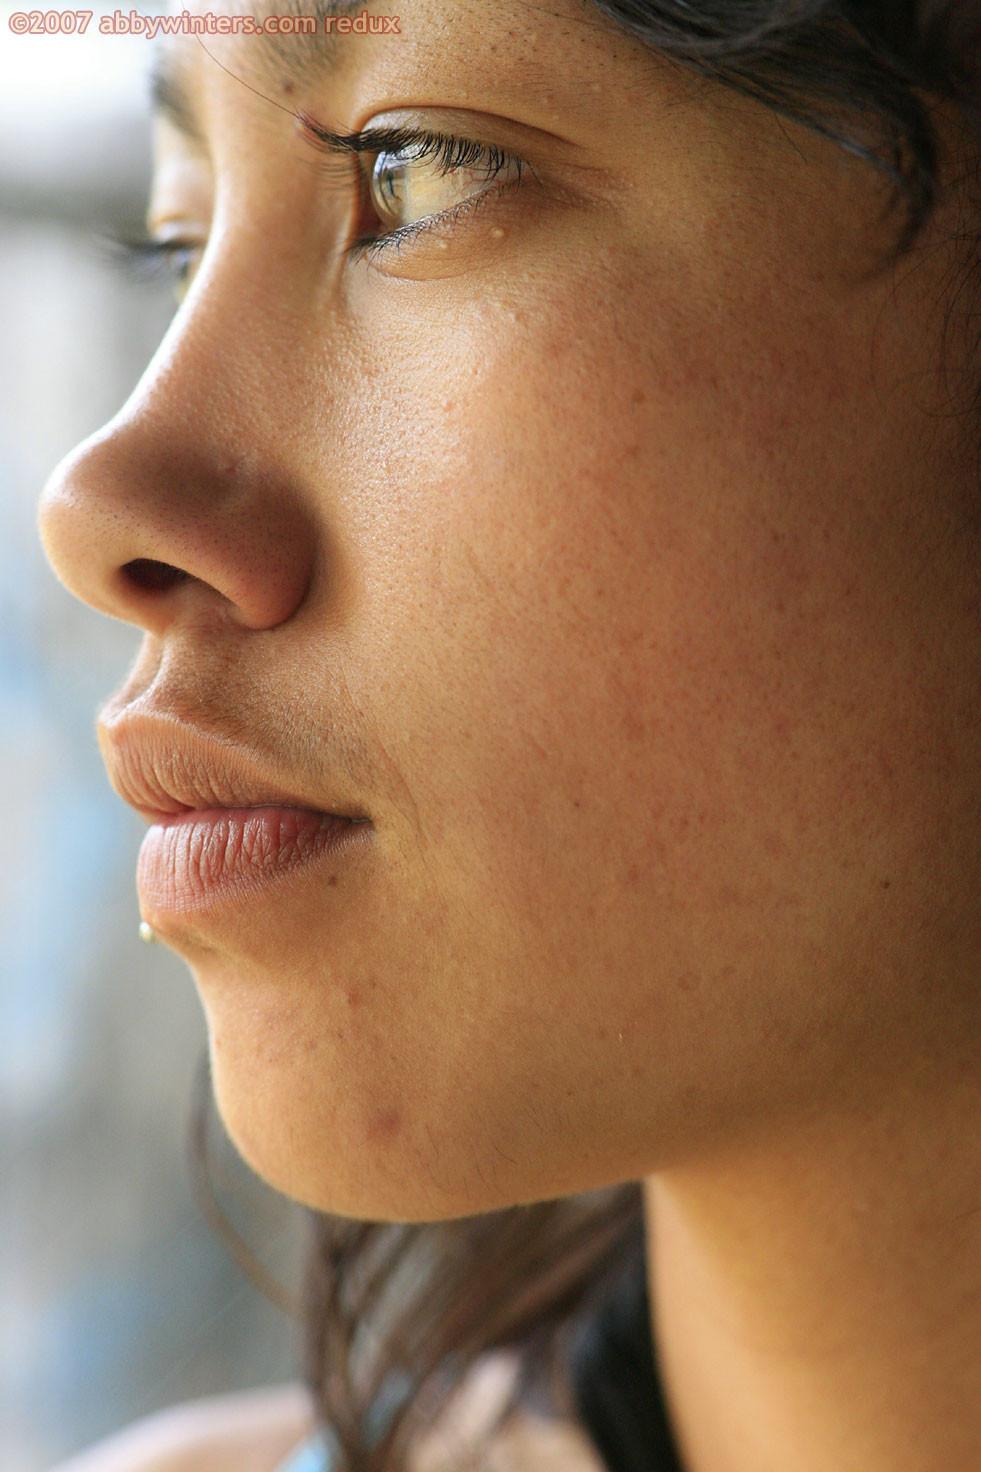 Крошечная грудь и лохматая киска девушки из Новой Зеландии